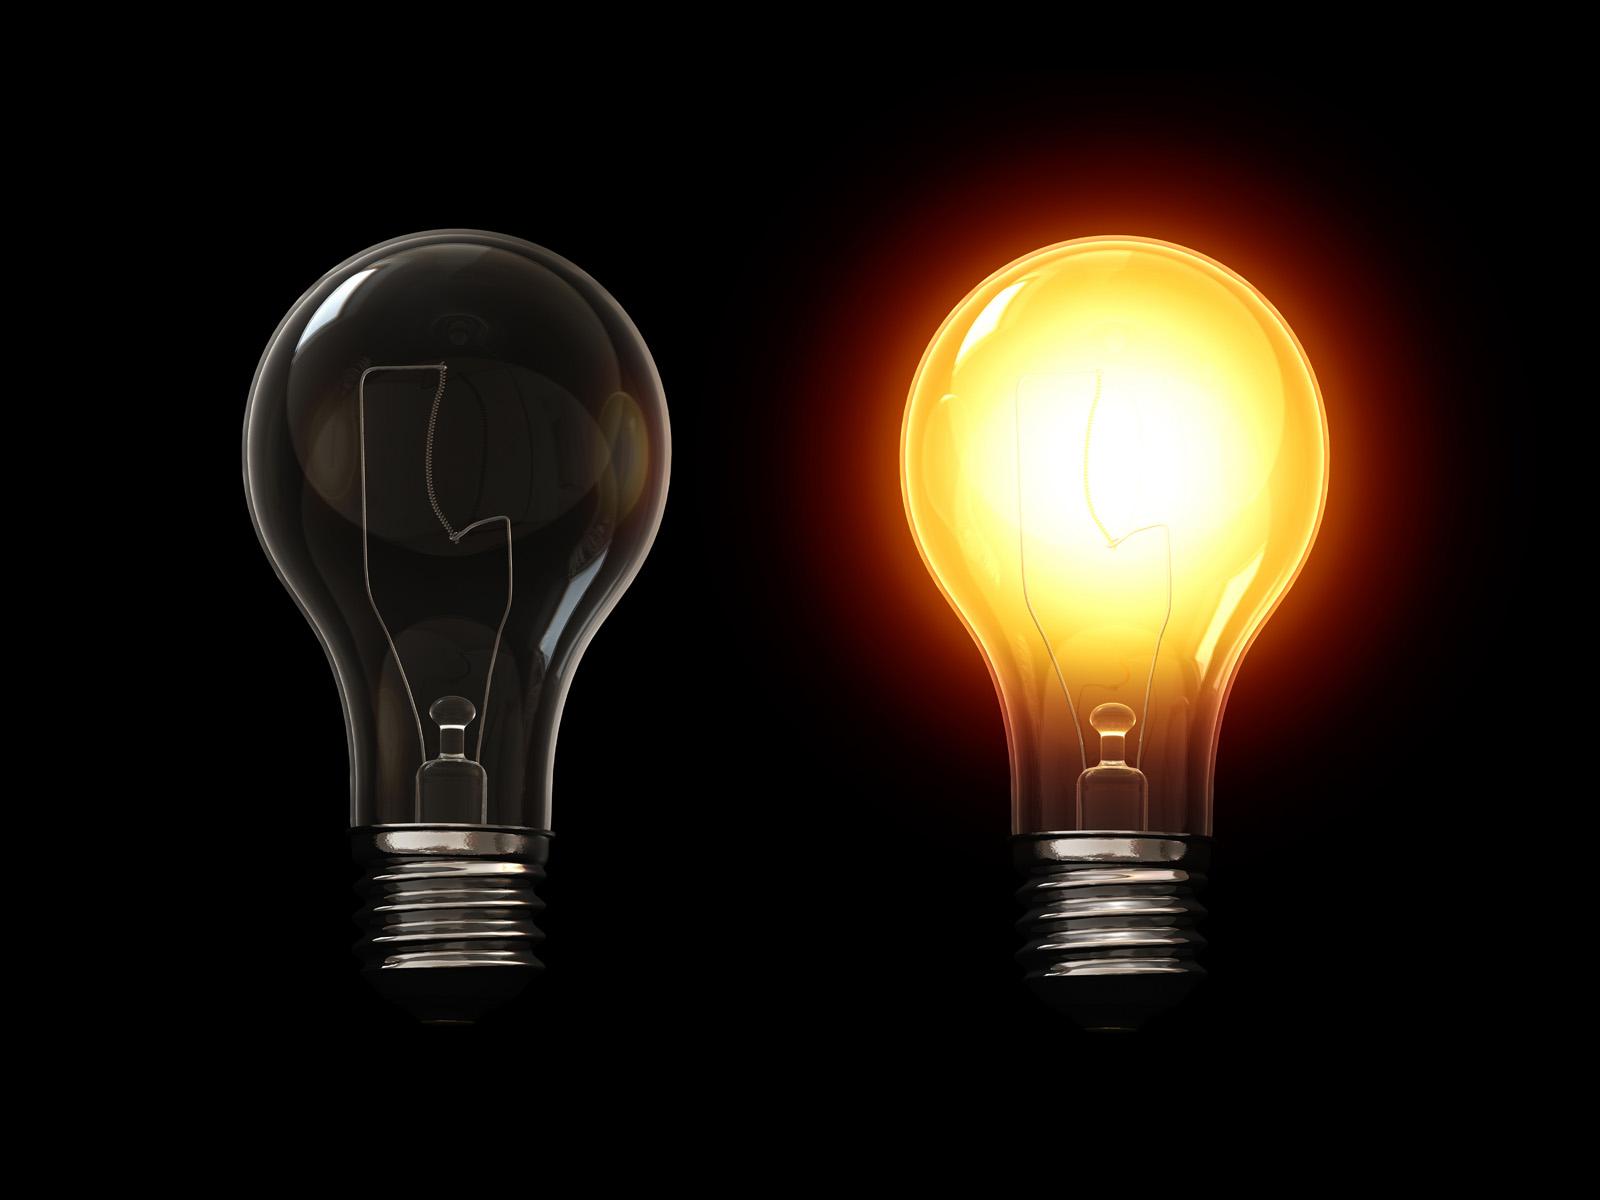 Кому сегодня отключат свет? (адреса)